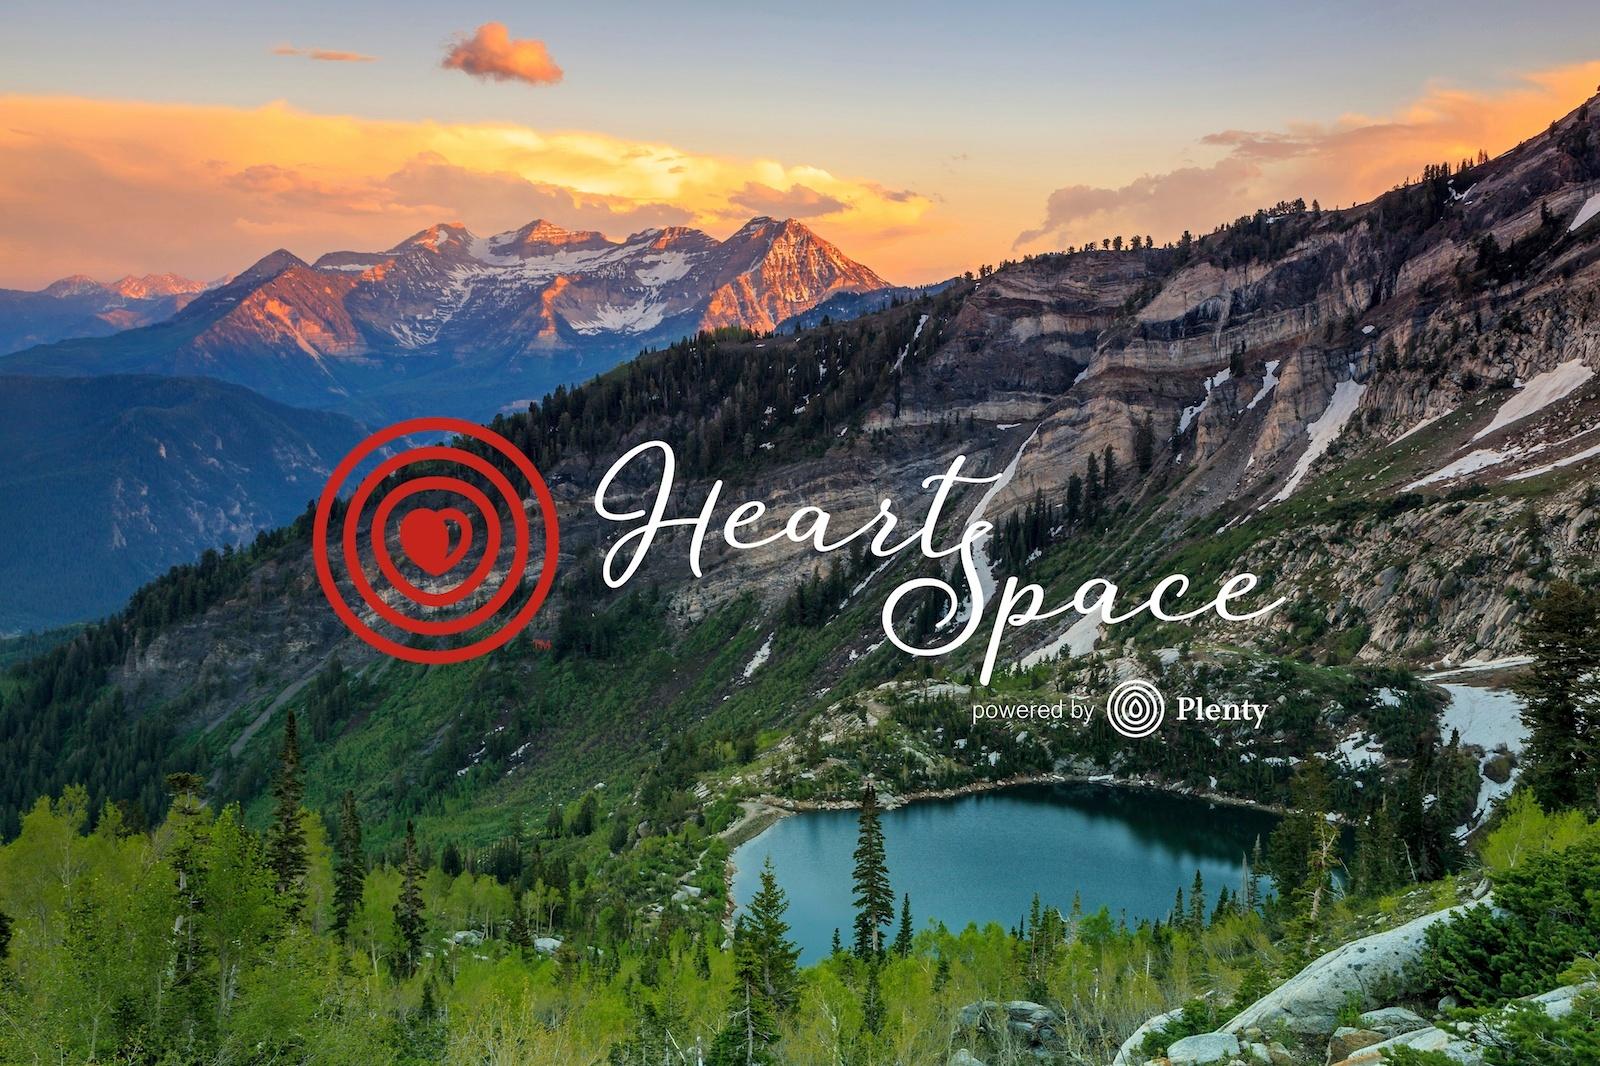 HeartSpaceBanner-LumeriaPage.jpg